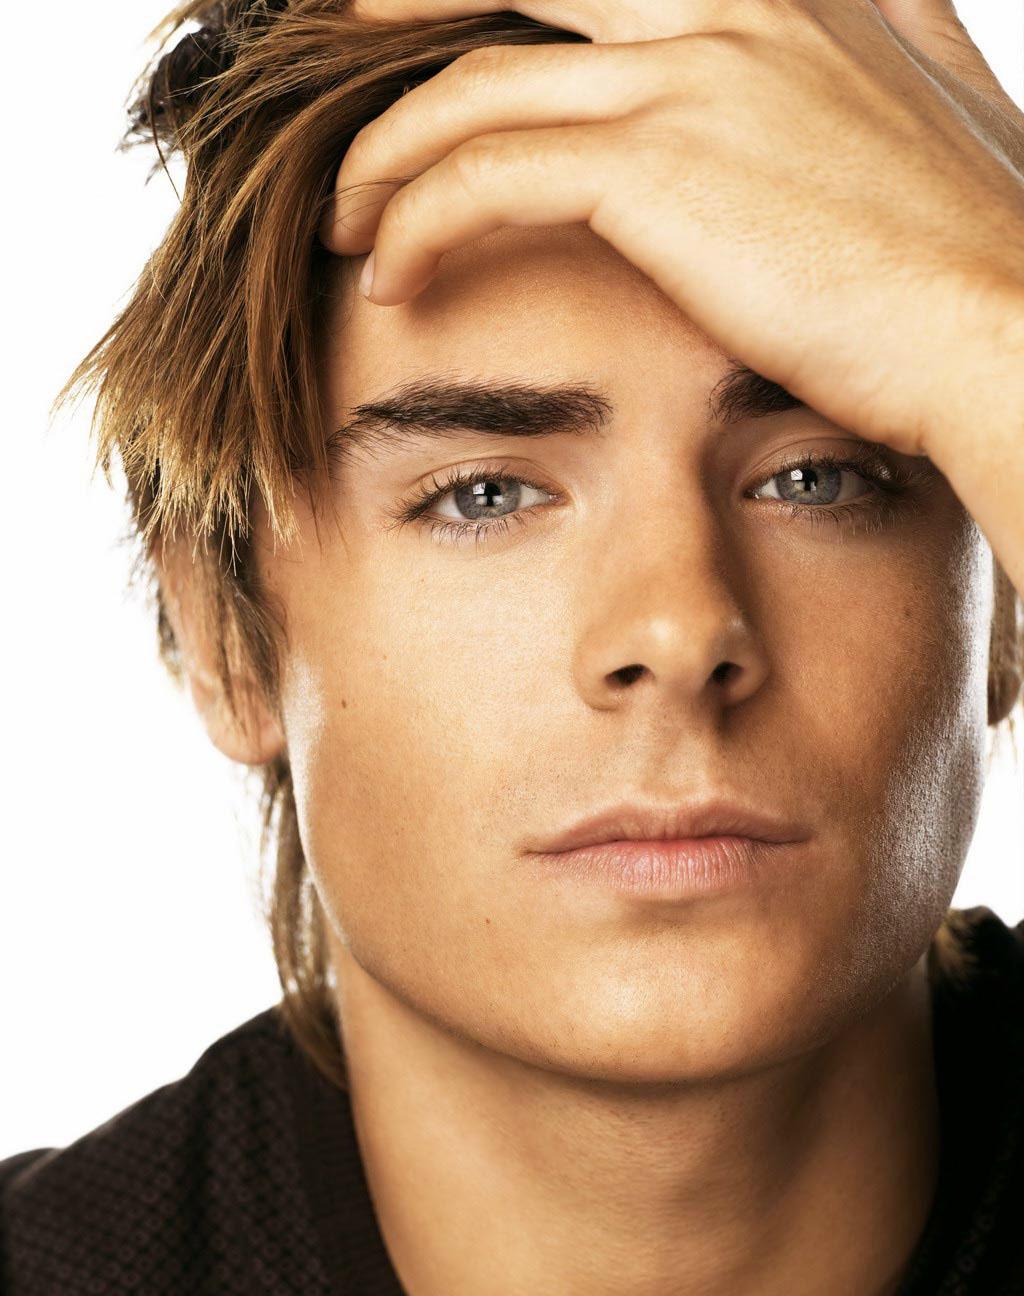 http://4.bp.blogspot.com/-TLvUrGTjw2o/T2soPc15lYI/AAAAAAAAAy4/LgReh7iqRAo/s1600/Zac-Efron-Beautiful-Eyes-Picture.jpg